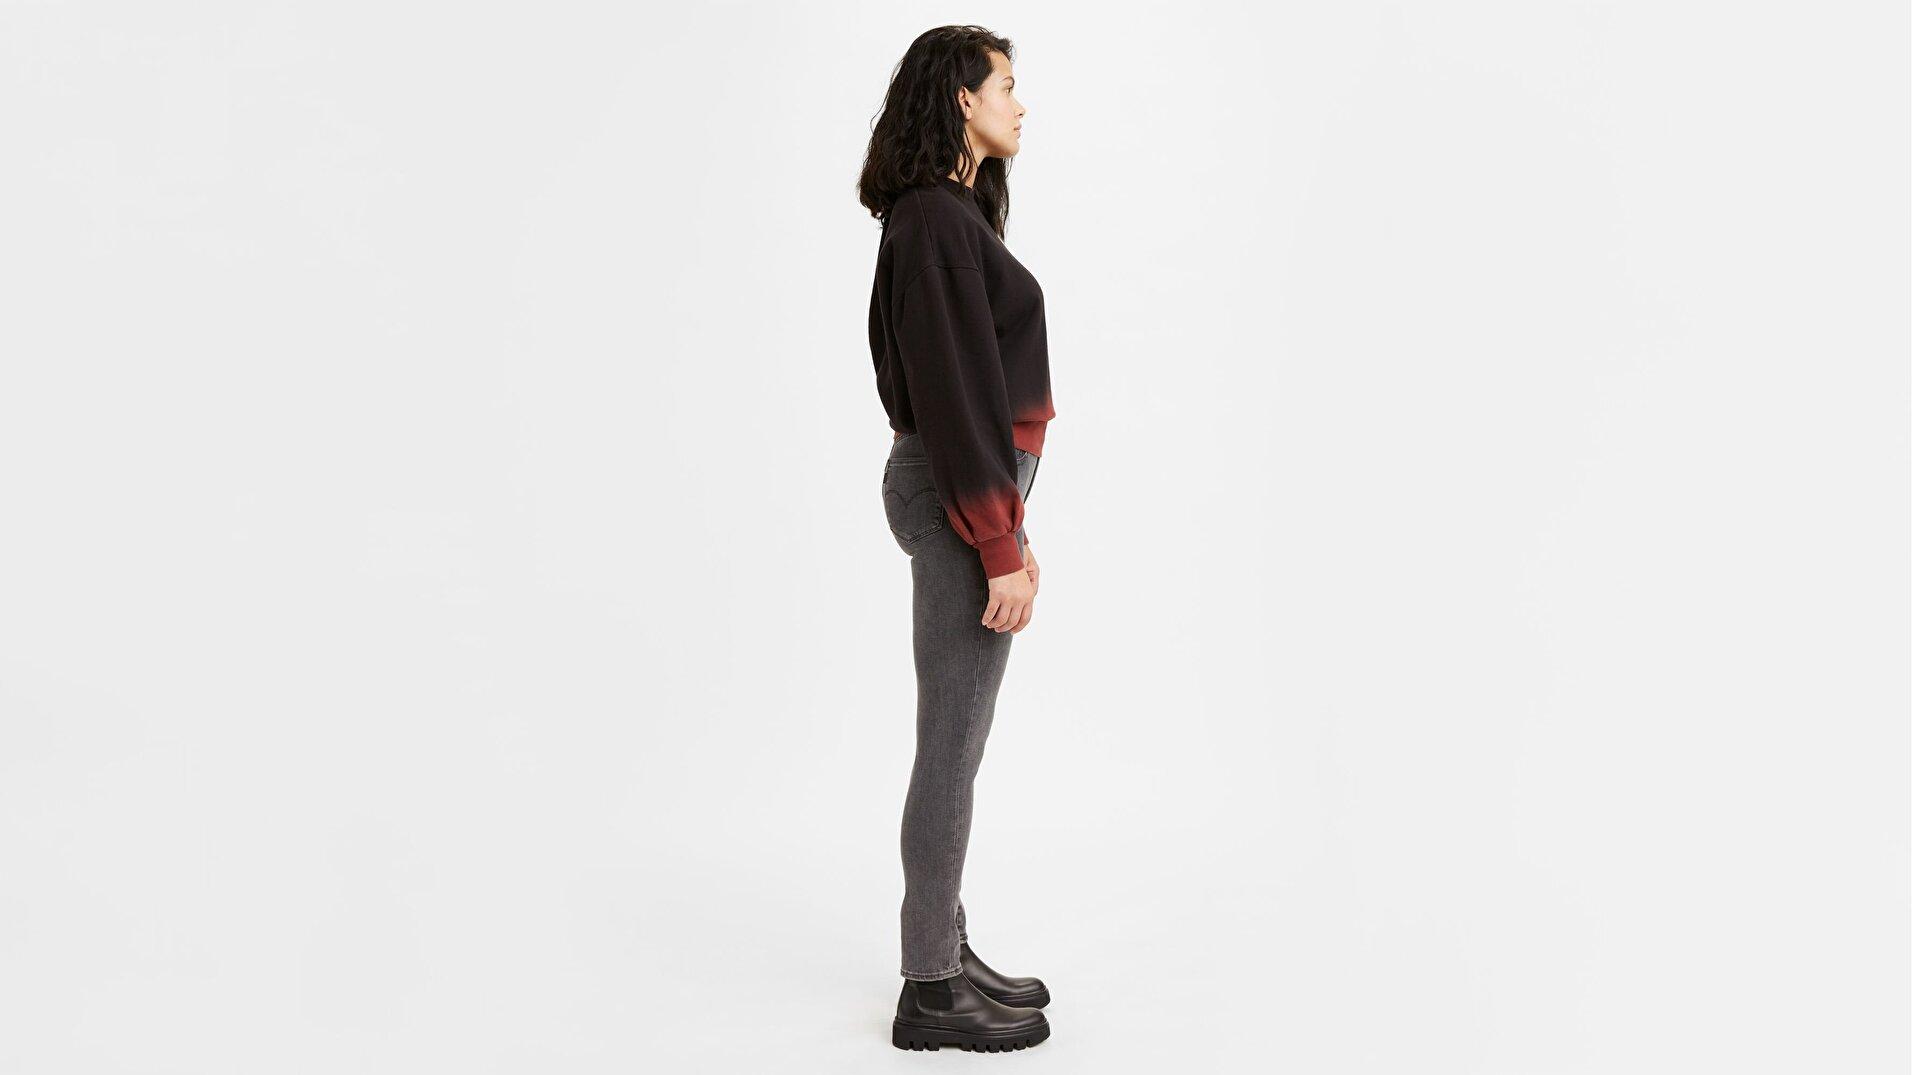 721 Yüksel Bel Skinny Fit Kadın Jean Pantolon-True Grit